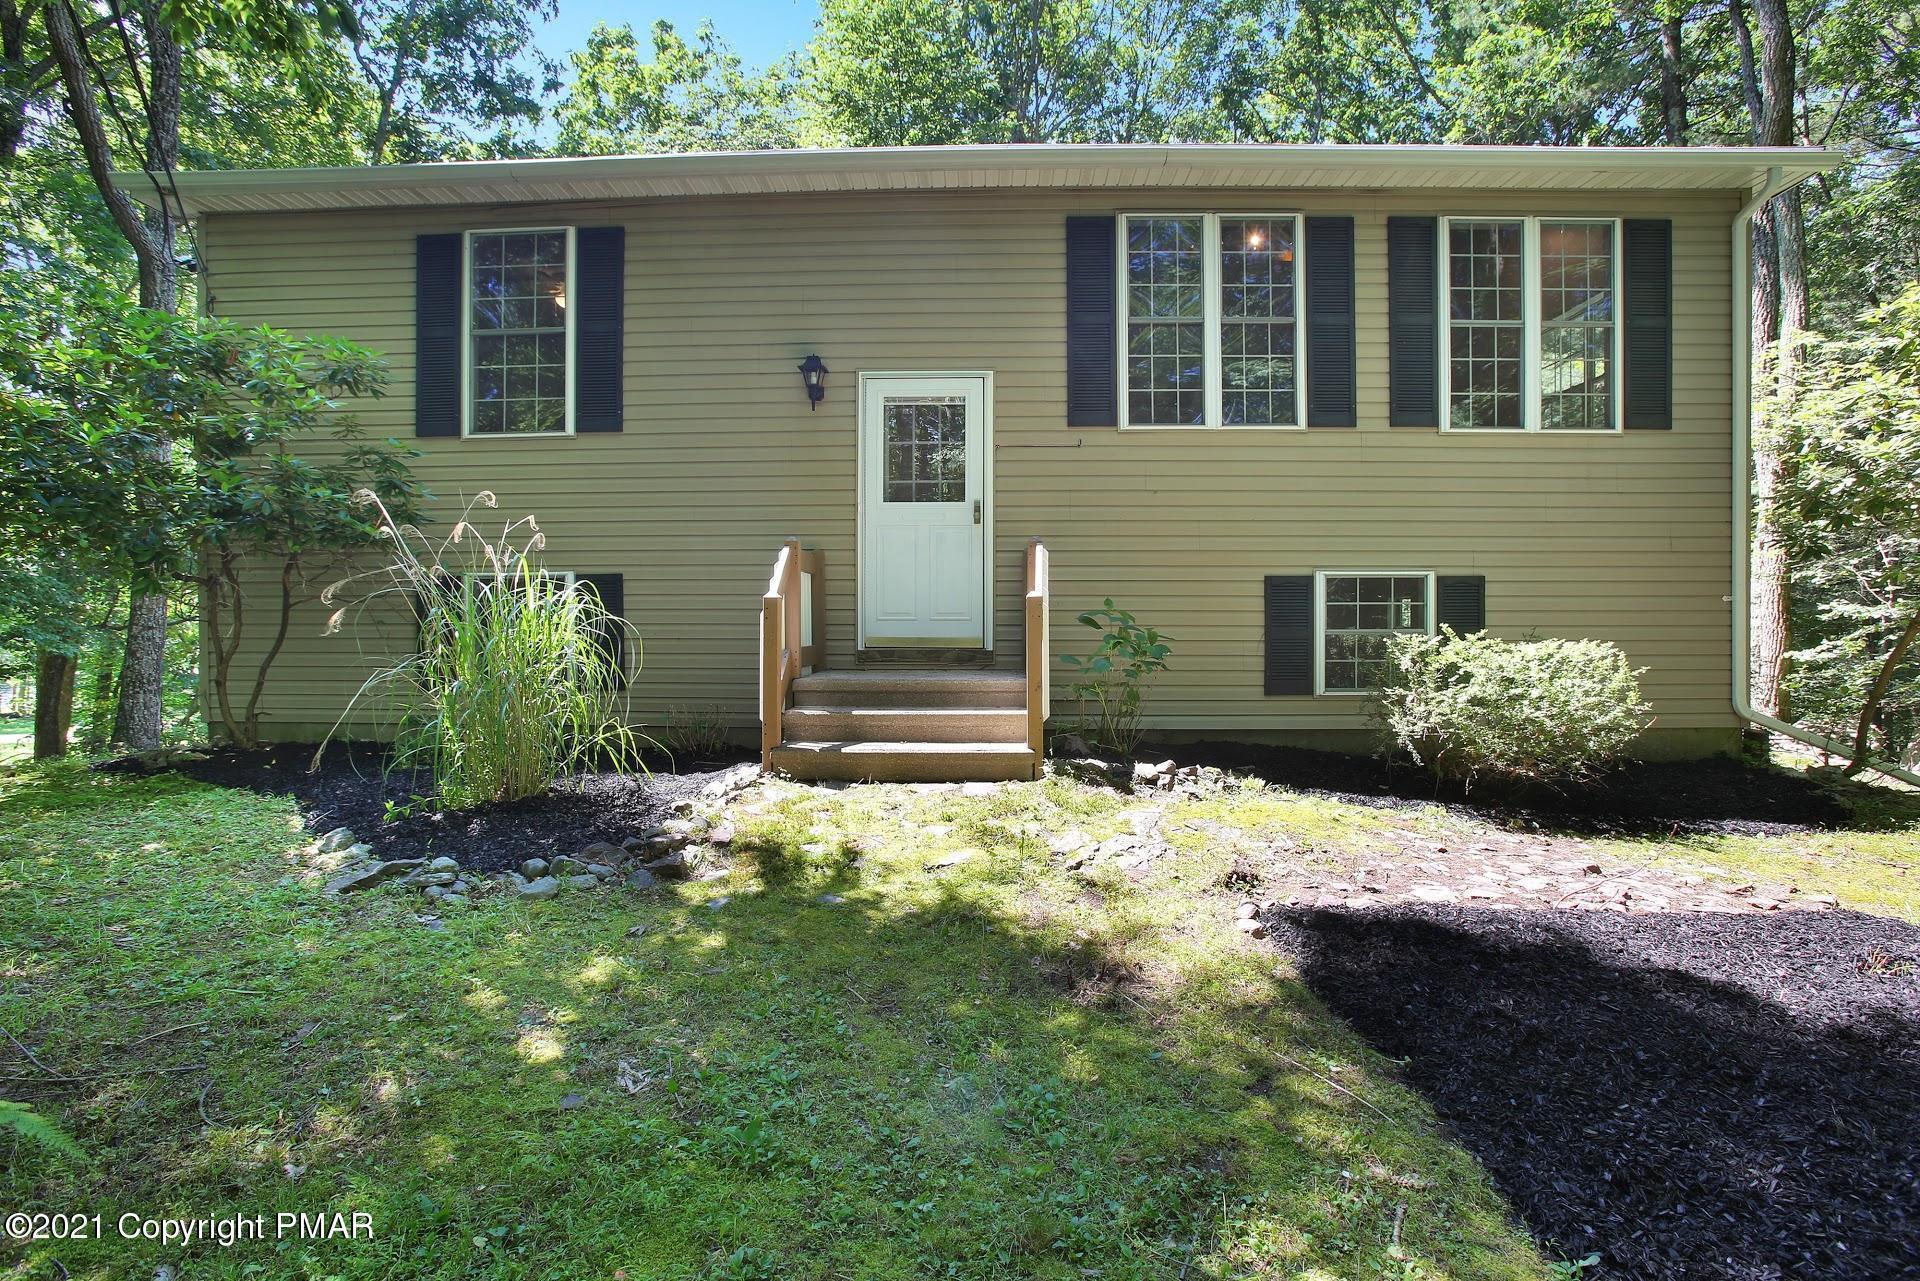 630 Wooddale Rd, East Stroudsburg, PA 18302